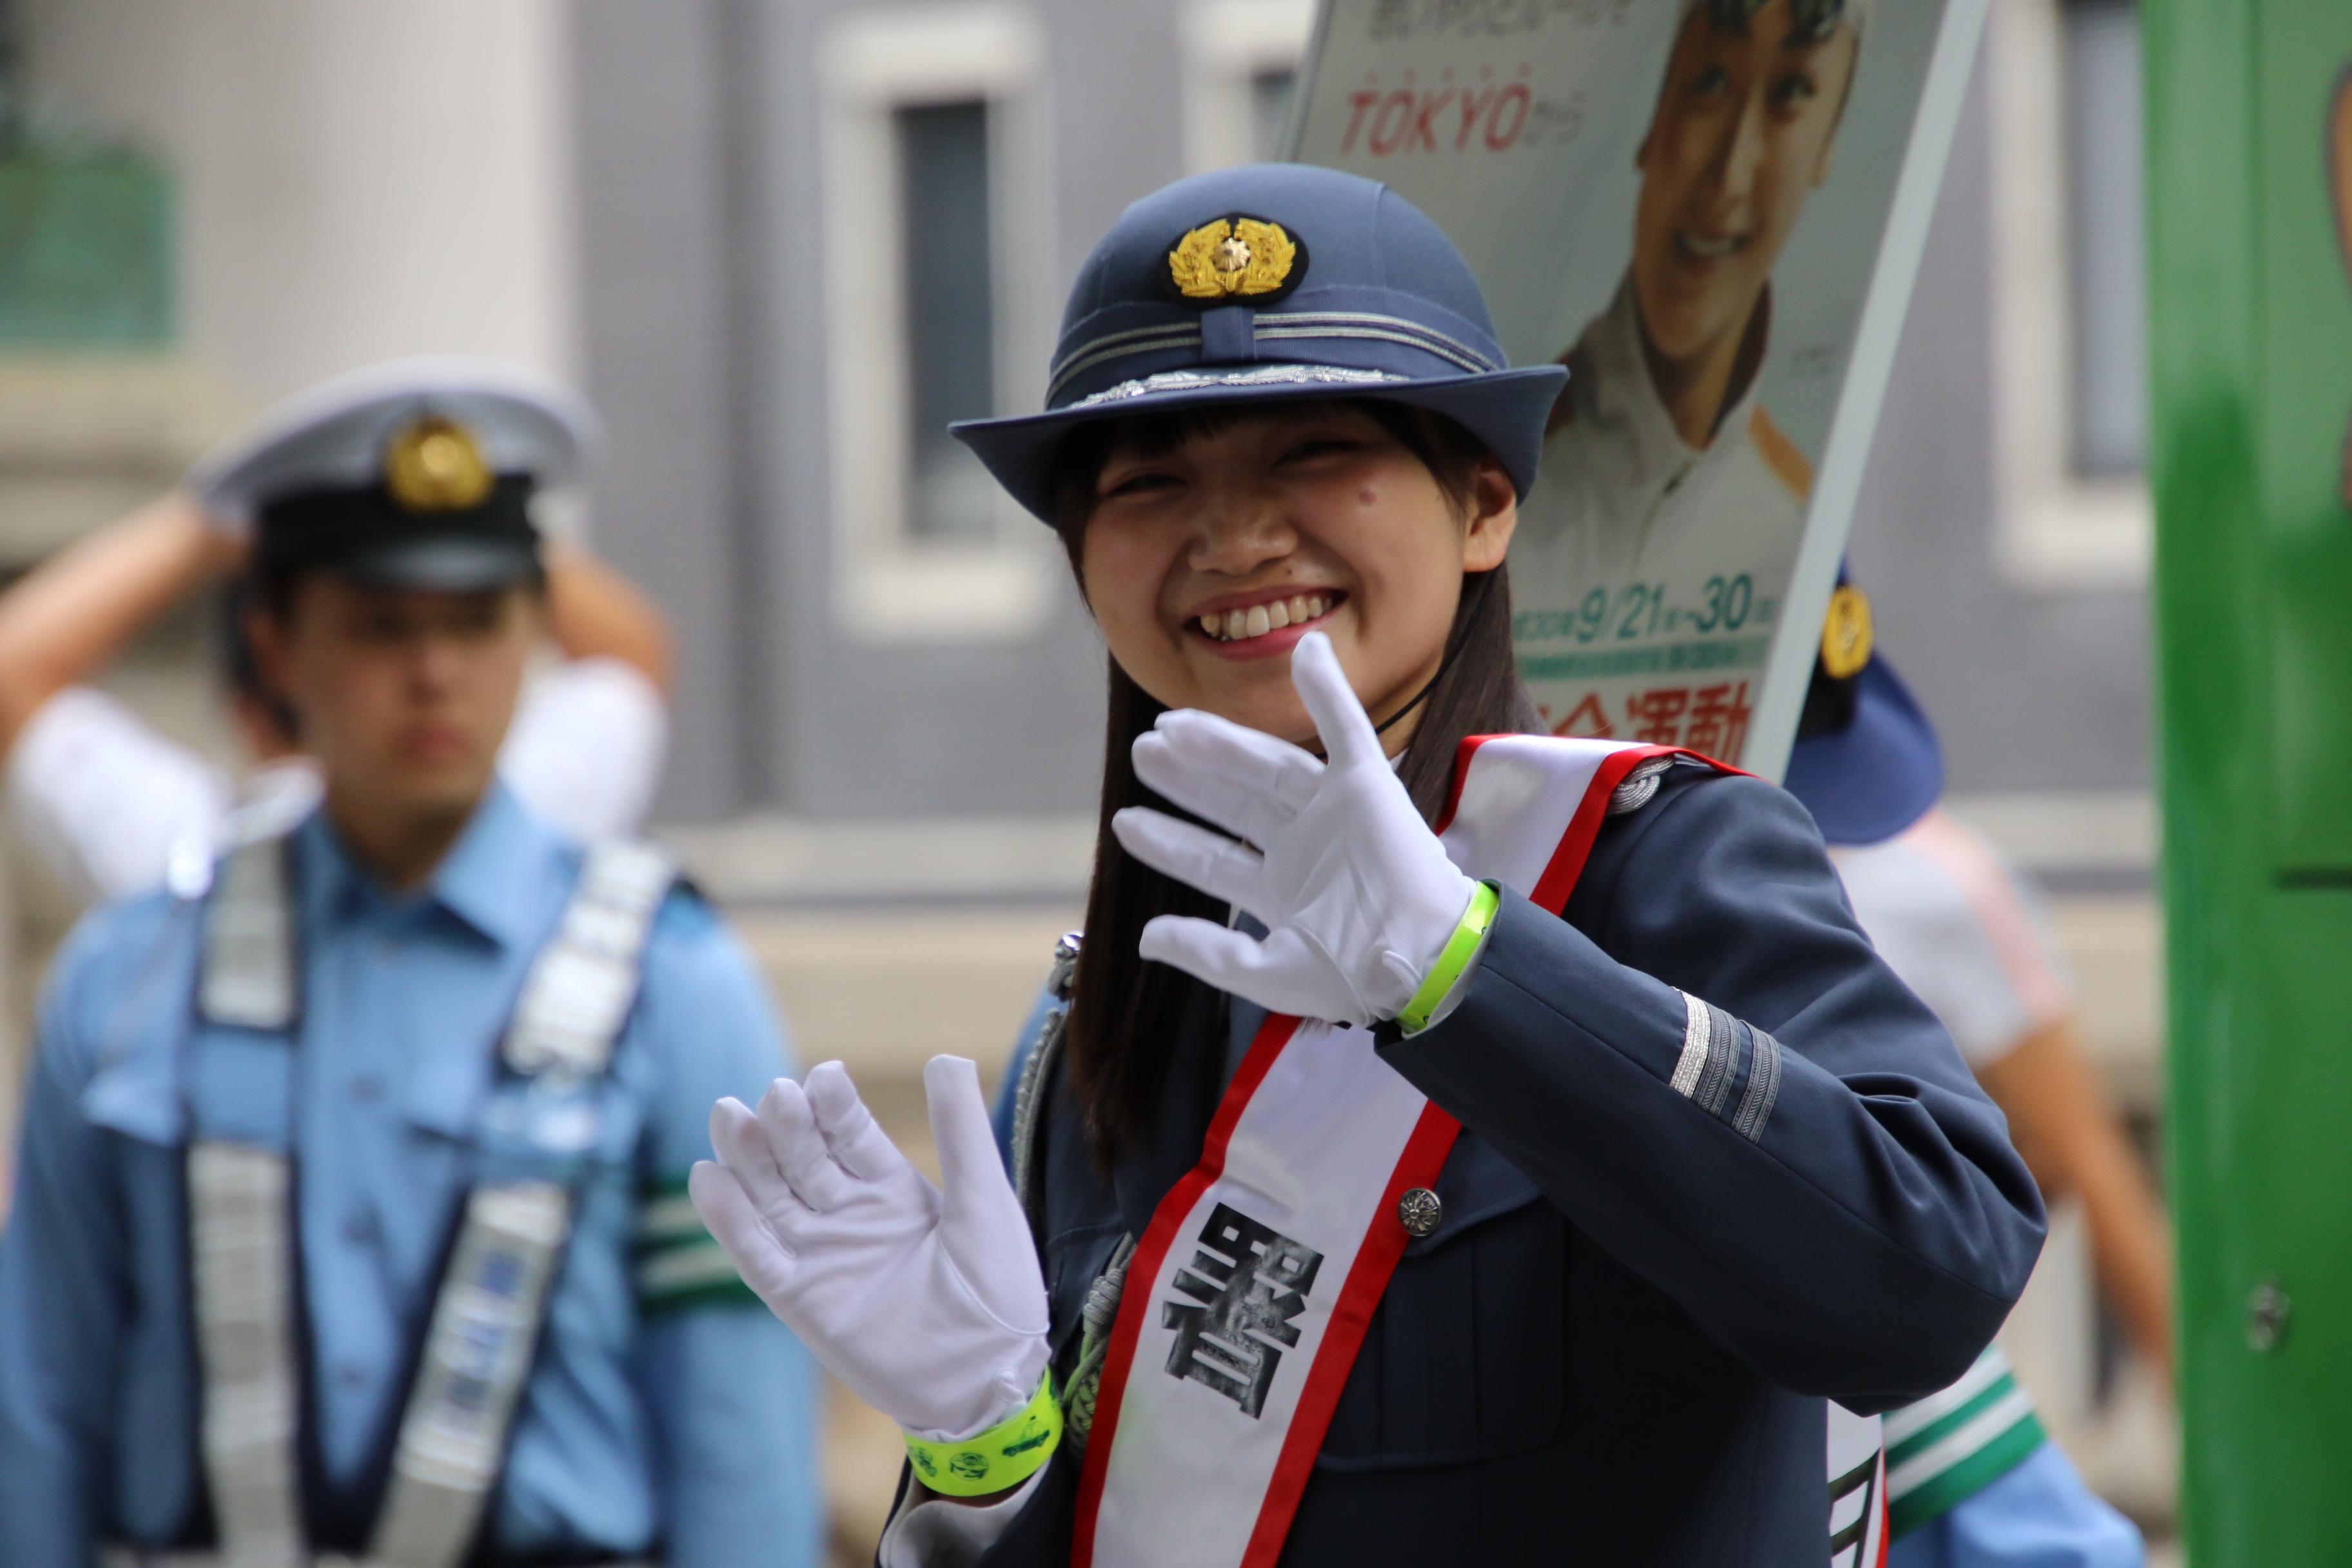 稲垣香織一日警察署長(手首に巻いているのが反射材)